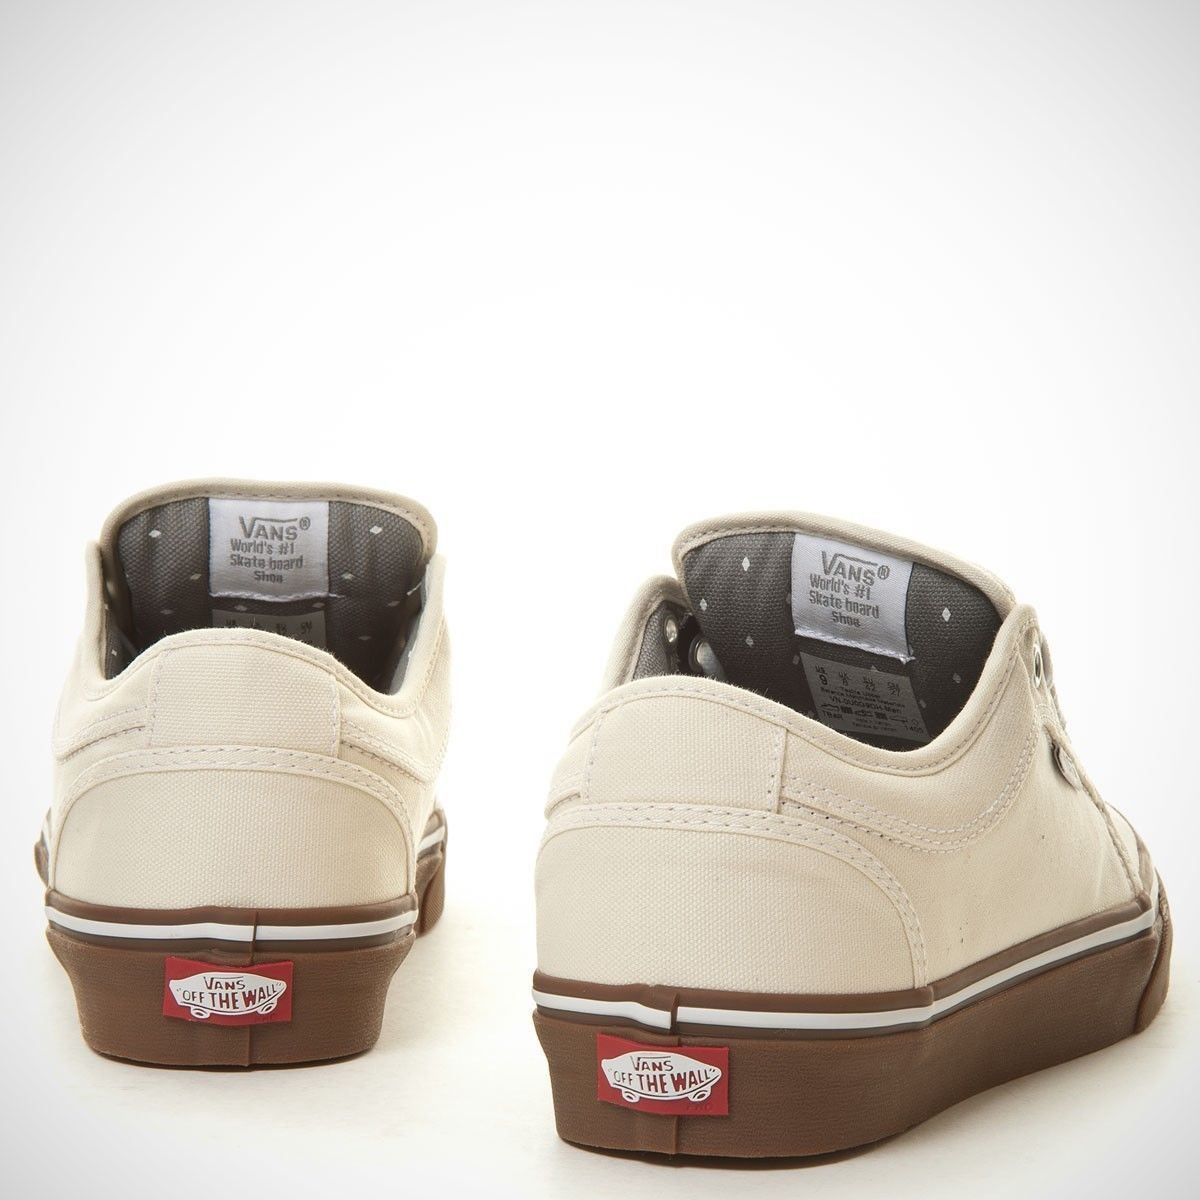 VANS Chukka Low White/Gum UltraCush Pro Skate Shoes MEN'S 7 WOMEN'S 8.5 image 3